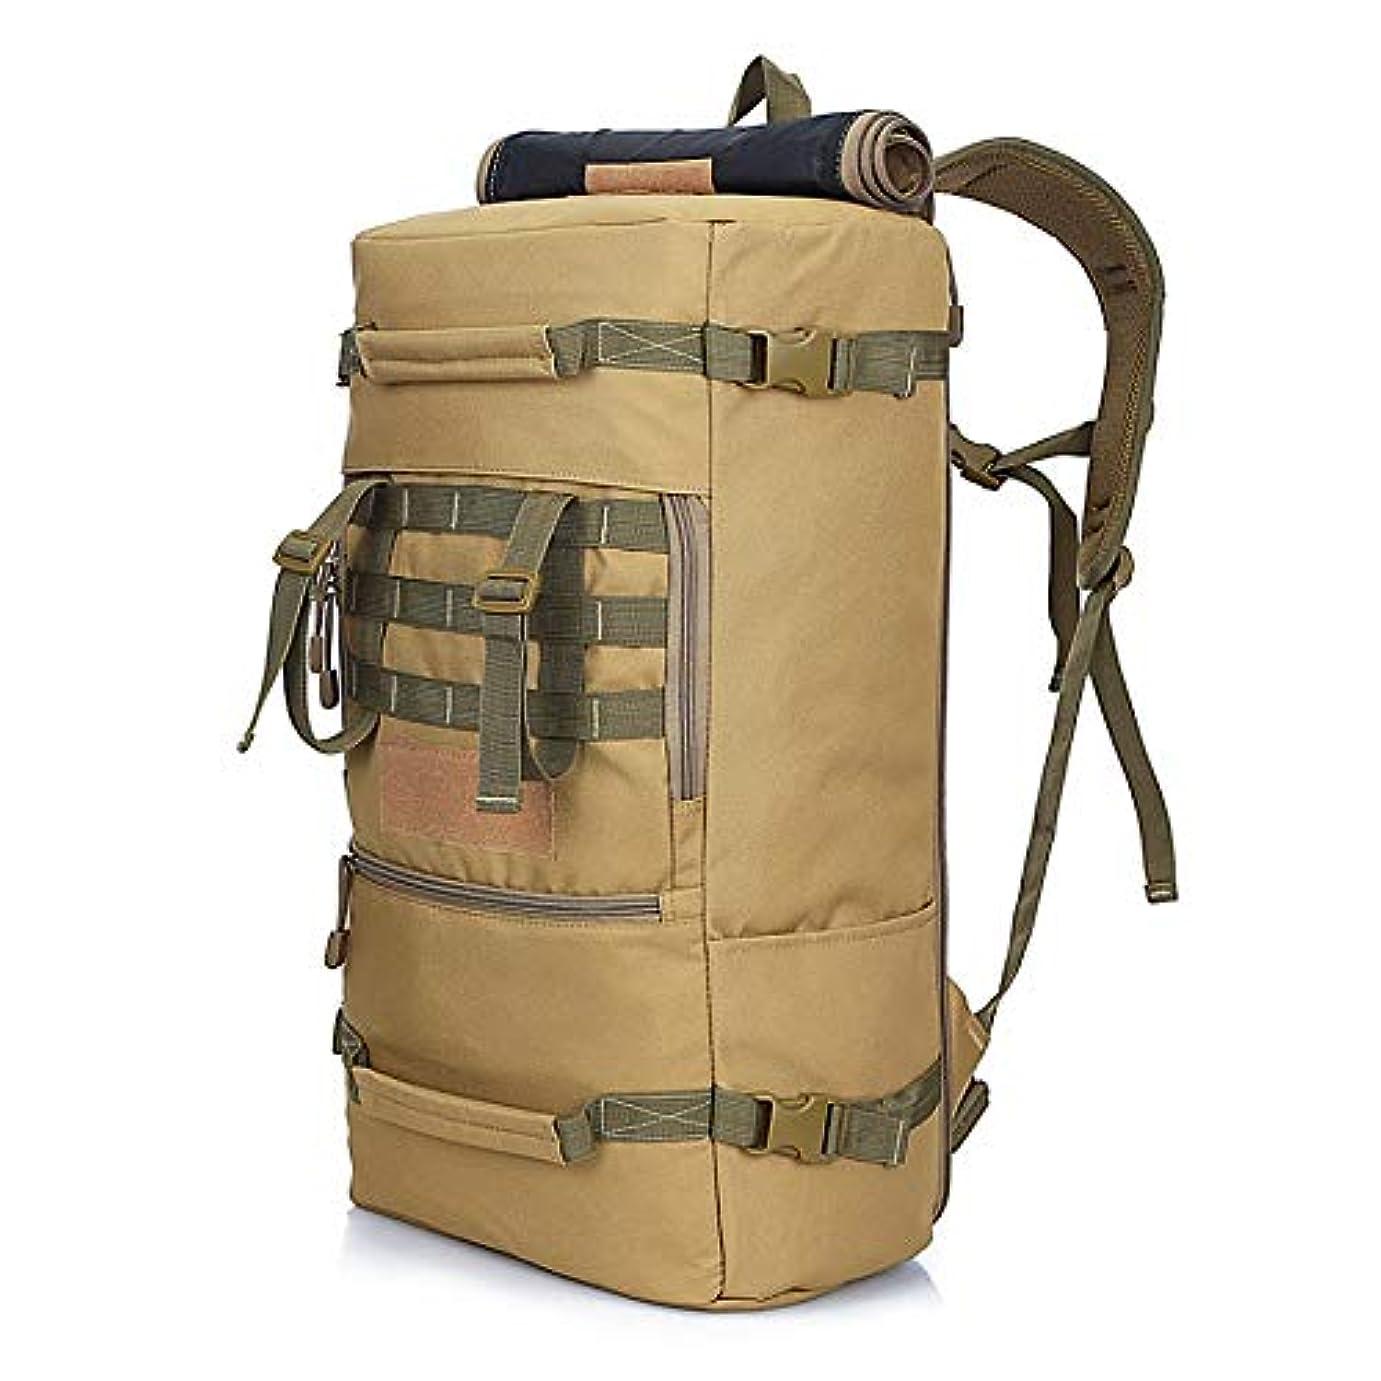 バリー罪悪感調べる50L ハイキングバックパック アウトドア タクティカル バックパック 通気性 防水 大容量 旅行バッグ トレッキング ハイキング用